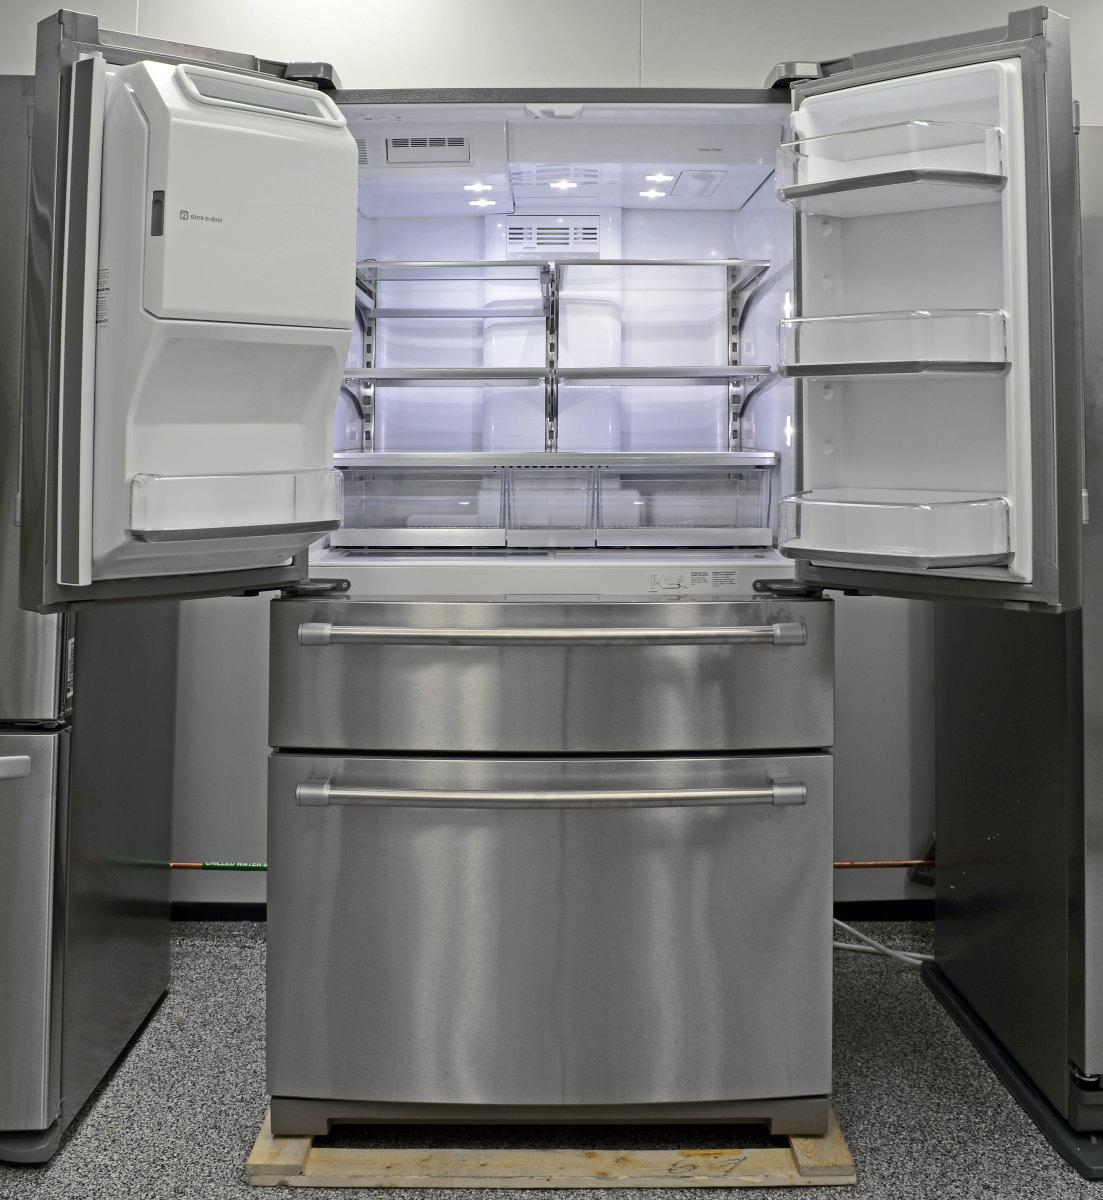 Maytag MFX2876DRM Refrigerator Review - Reviewed.com Refrigerators